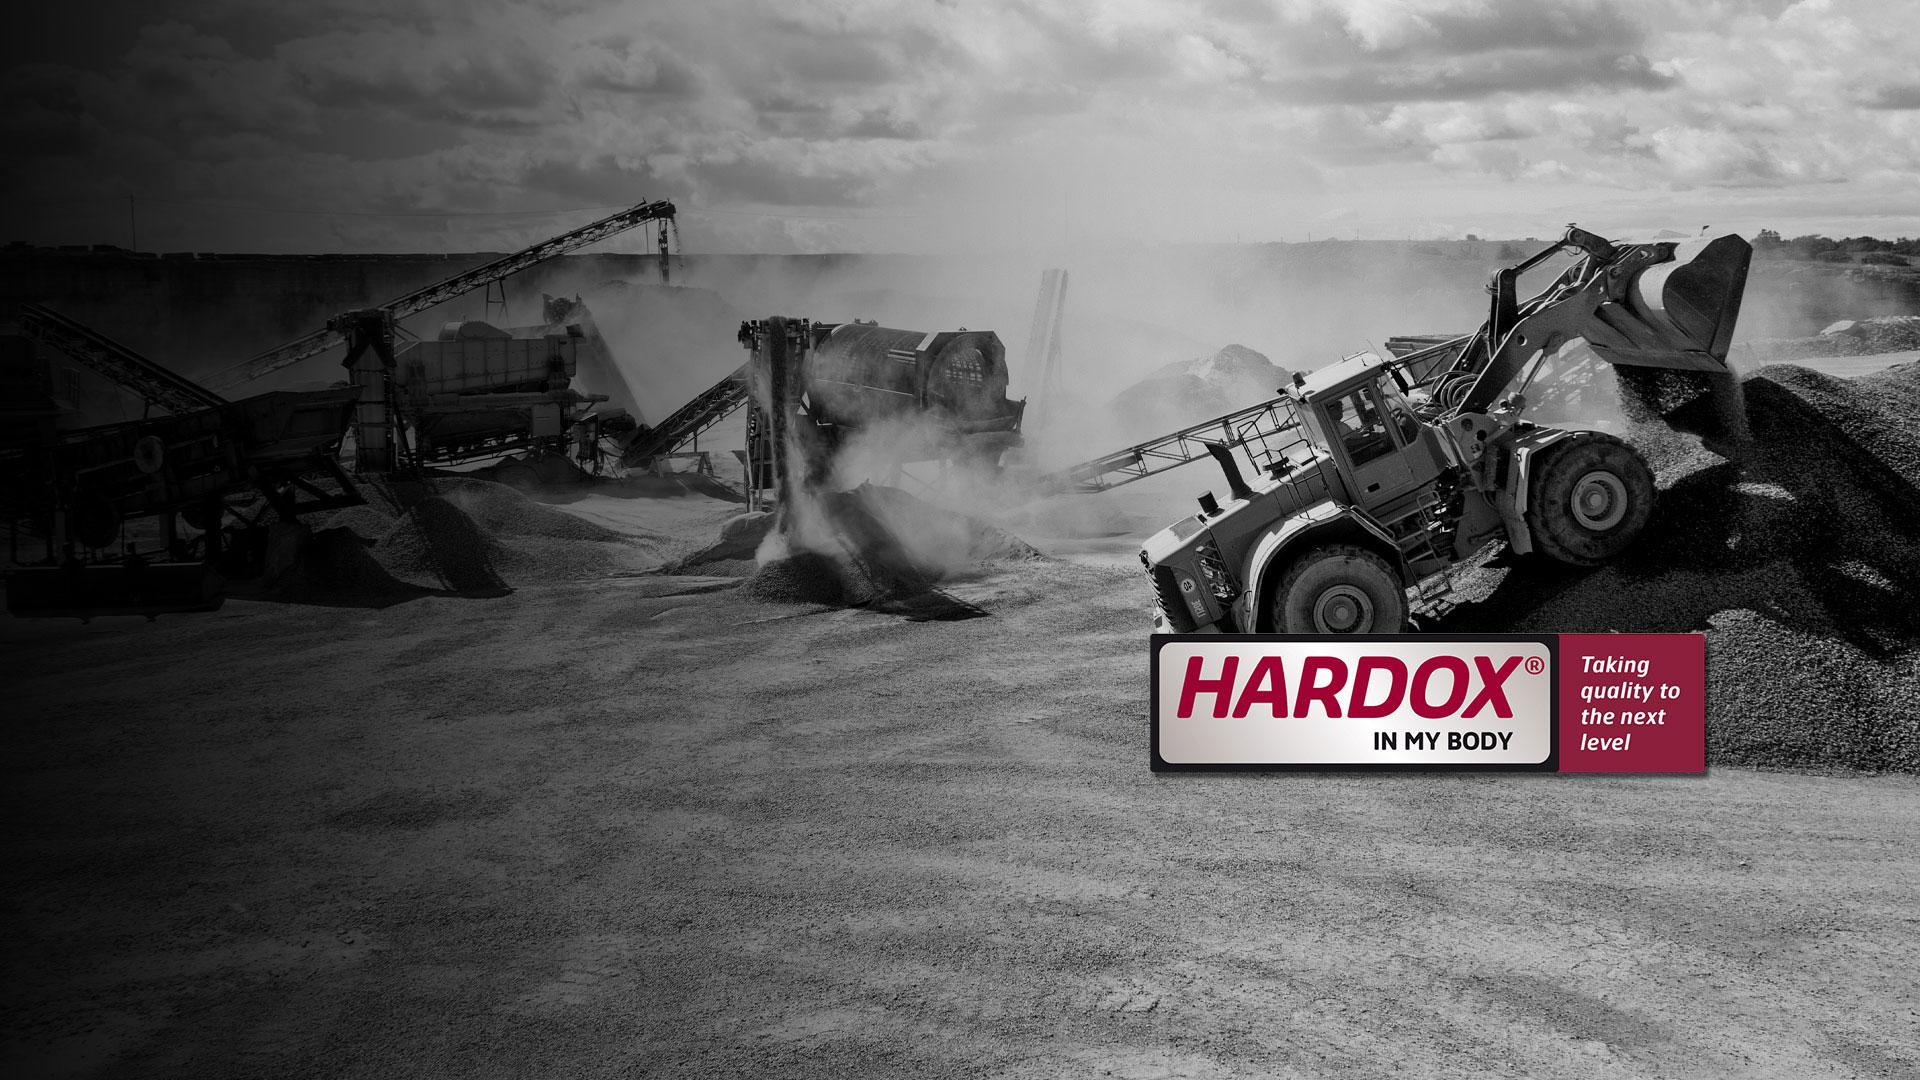 Hardox In My Body-fördelar